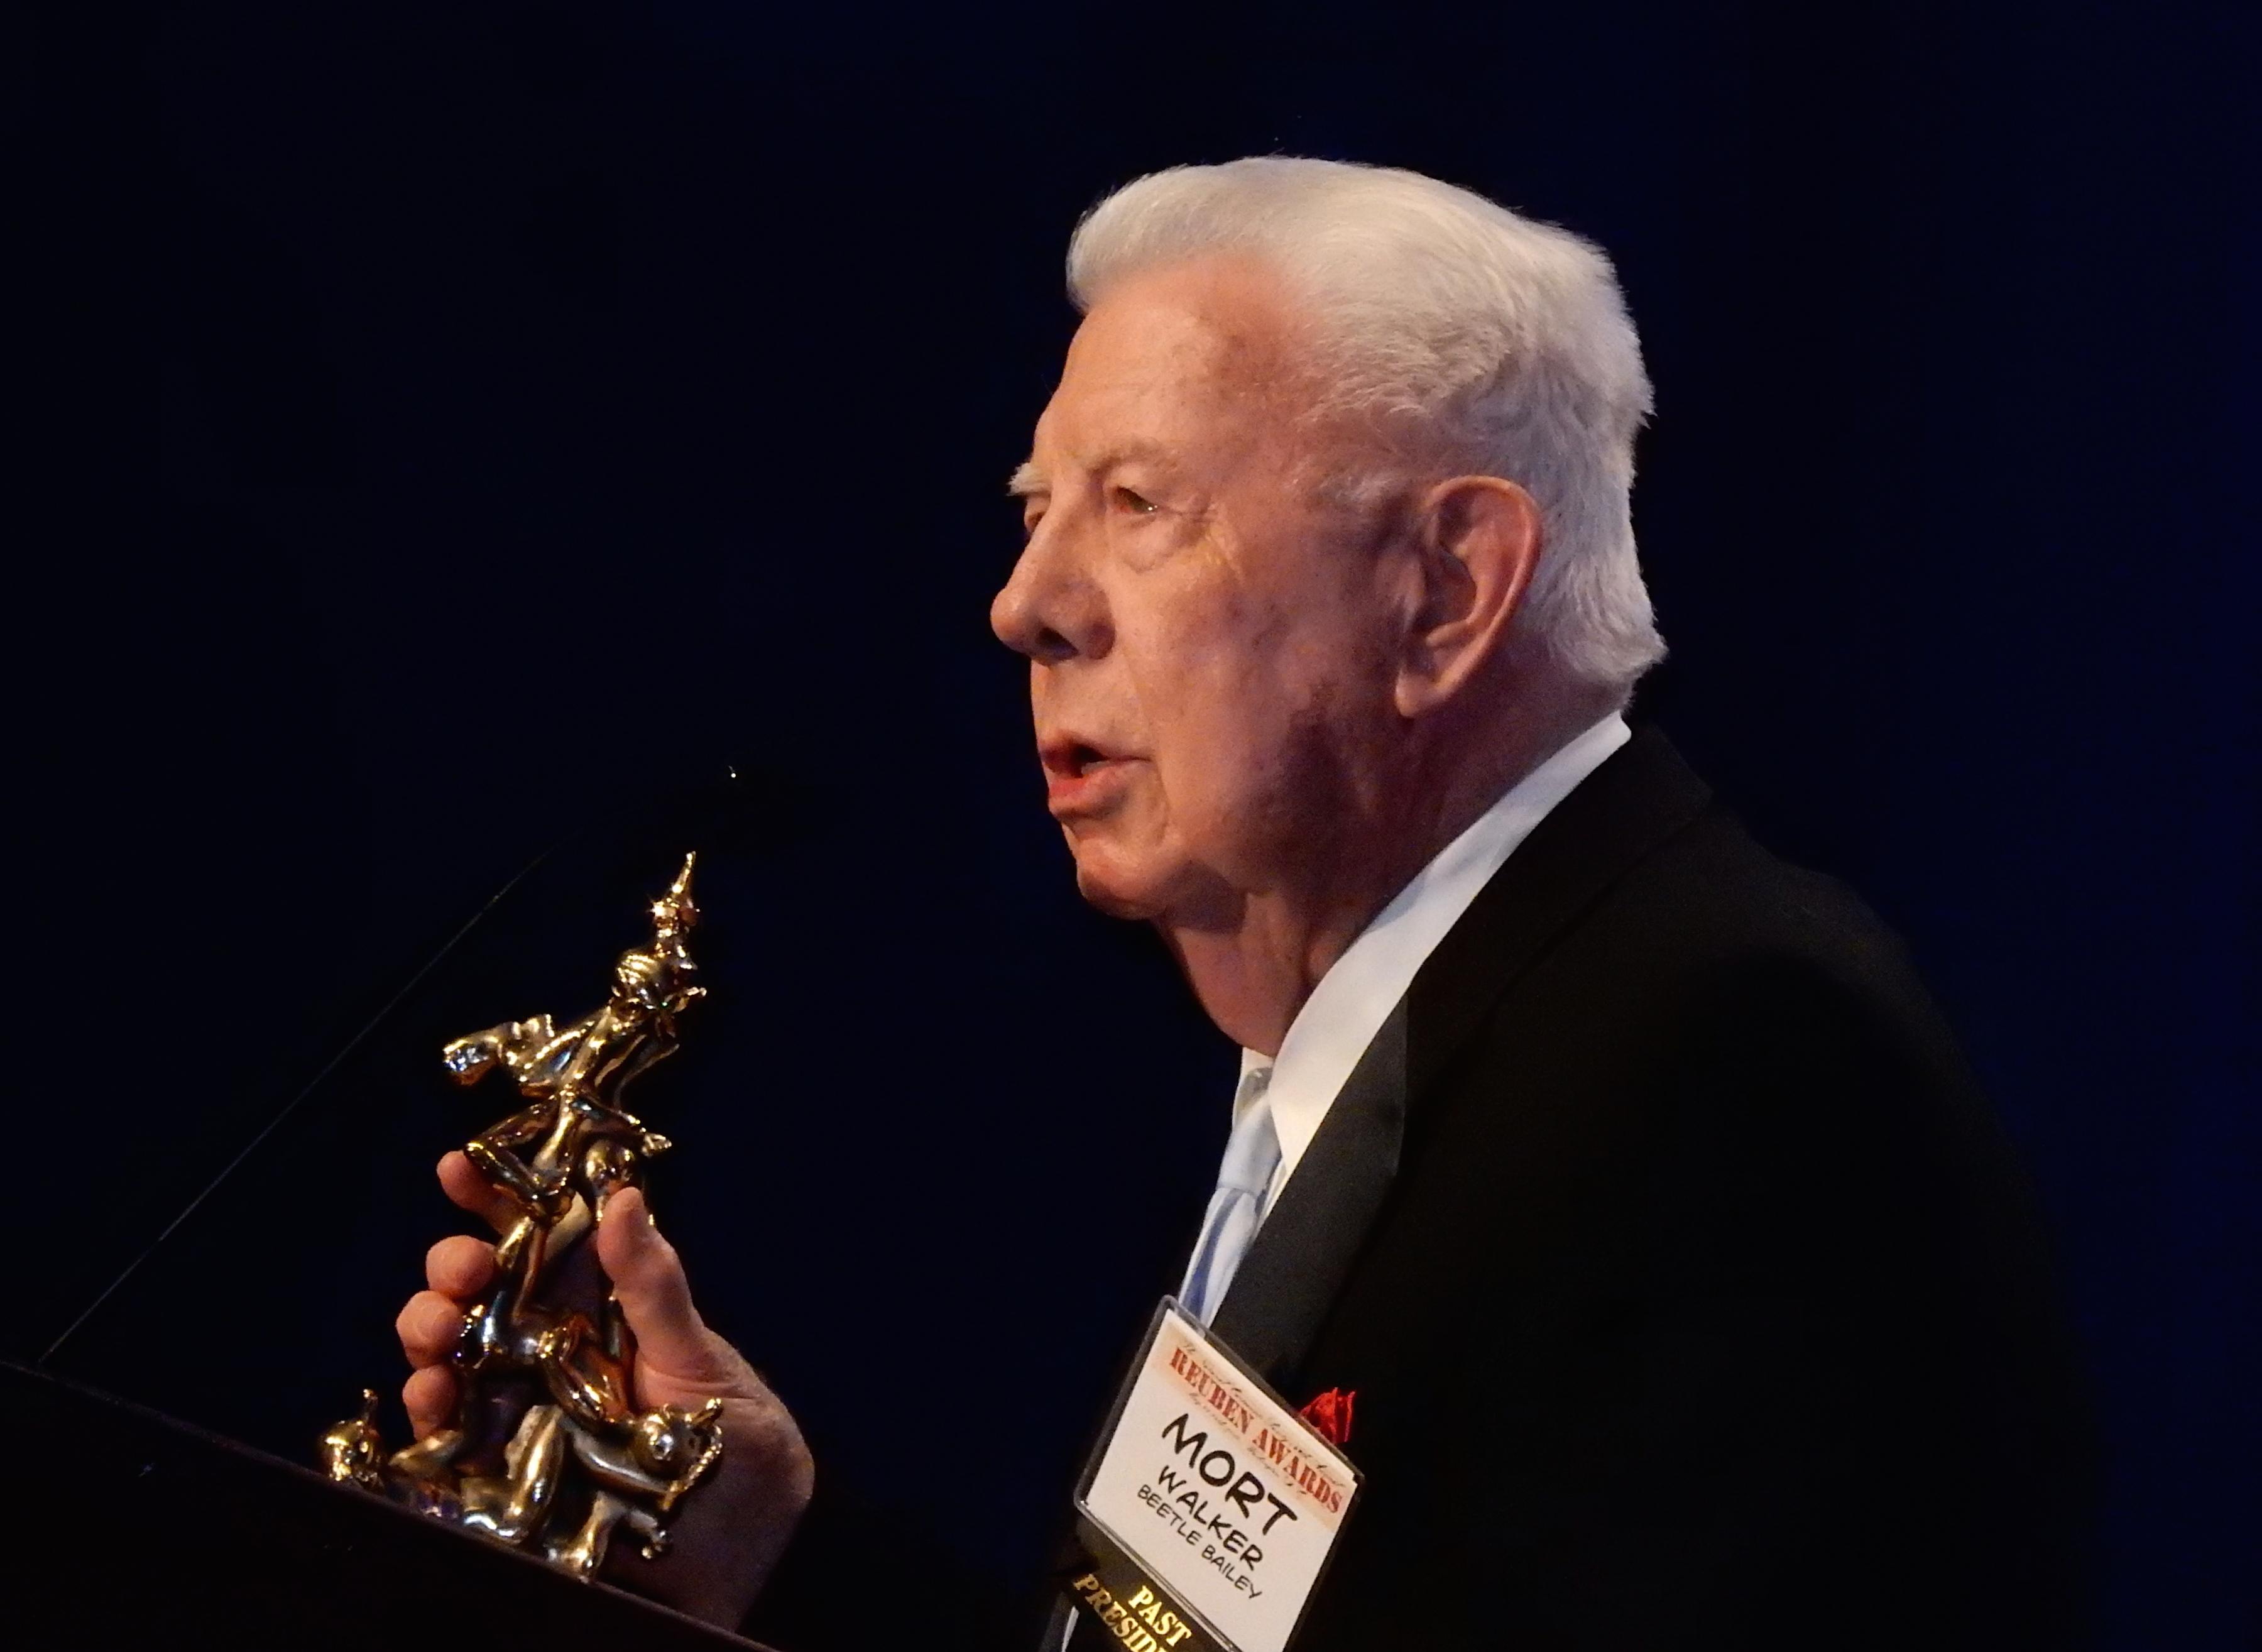 Mort Walker made the Reuben Award presentation.